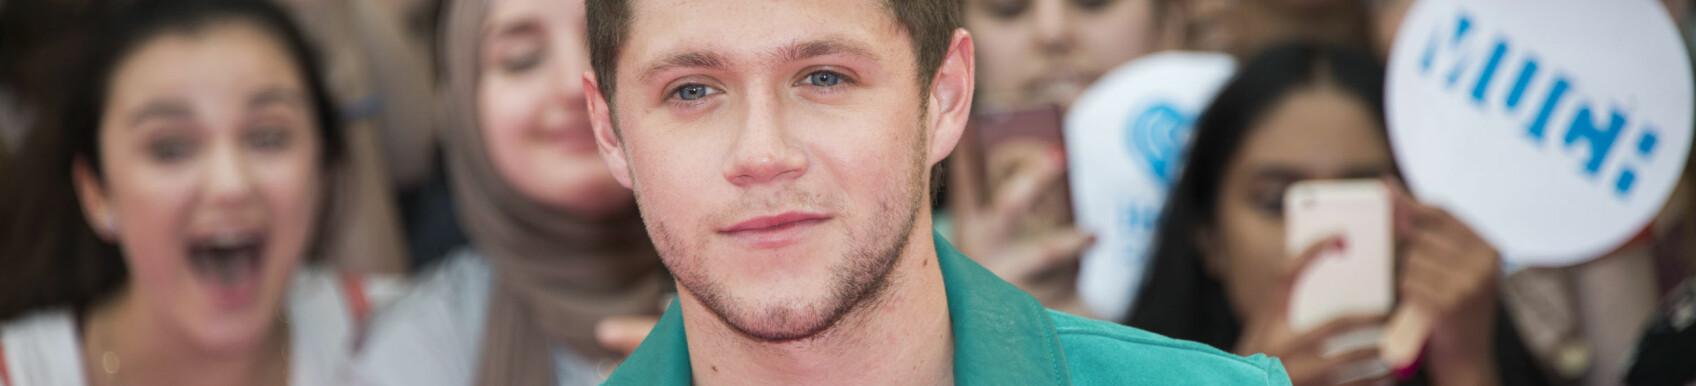 DRAMA: Mange tror at Niall Horan og Liam Payne har blitt uvenner etter at det ble kjent at førstnevnte har avfølget sin tidligere bandkollega på Instagram. FOTO: Scanpix